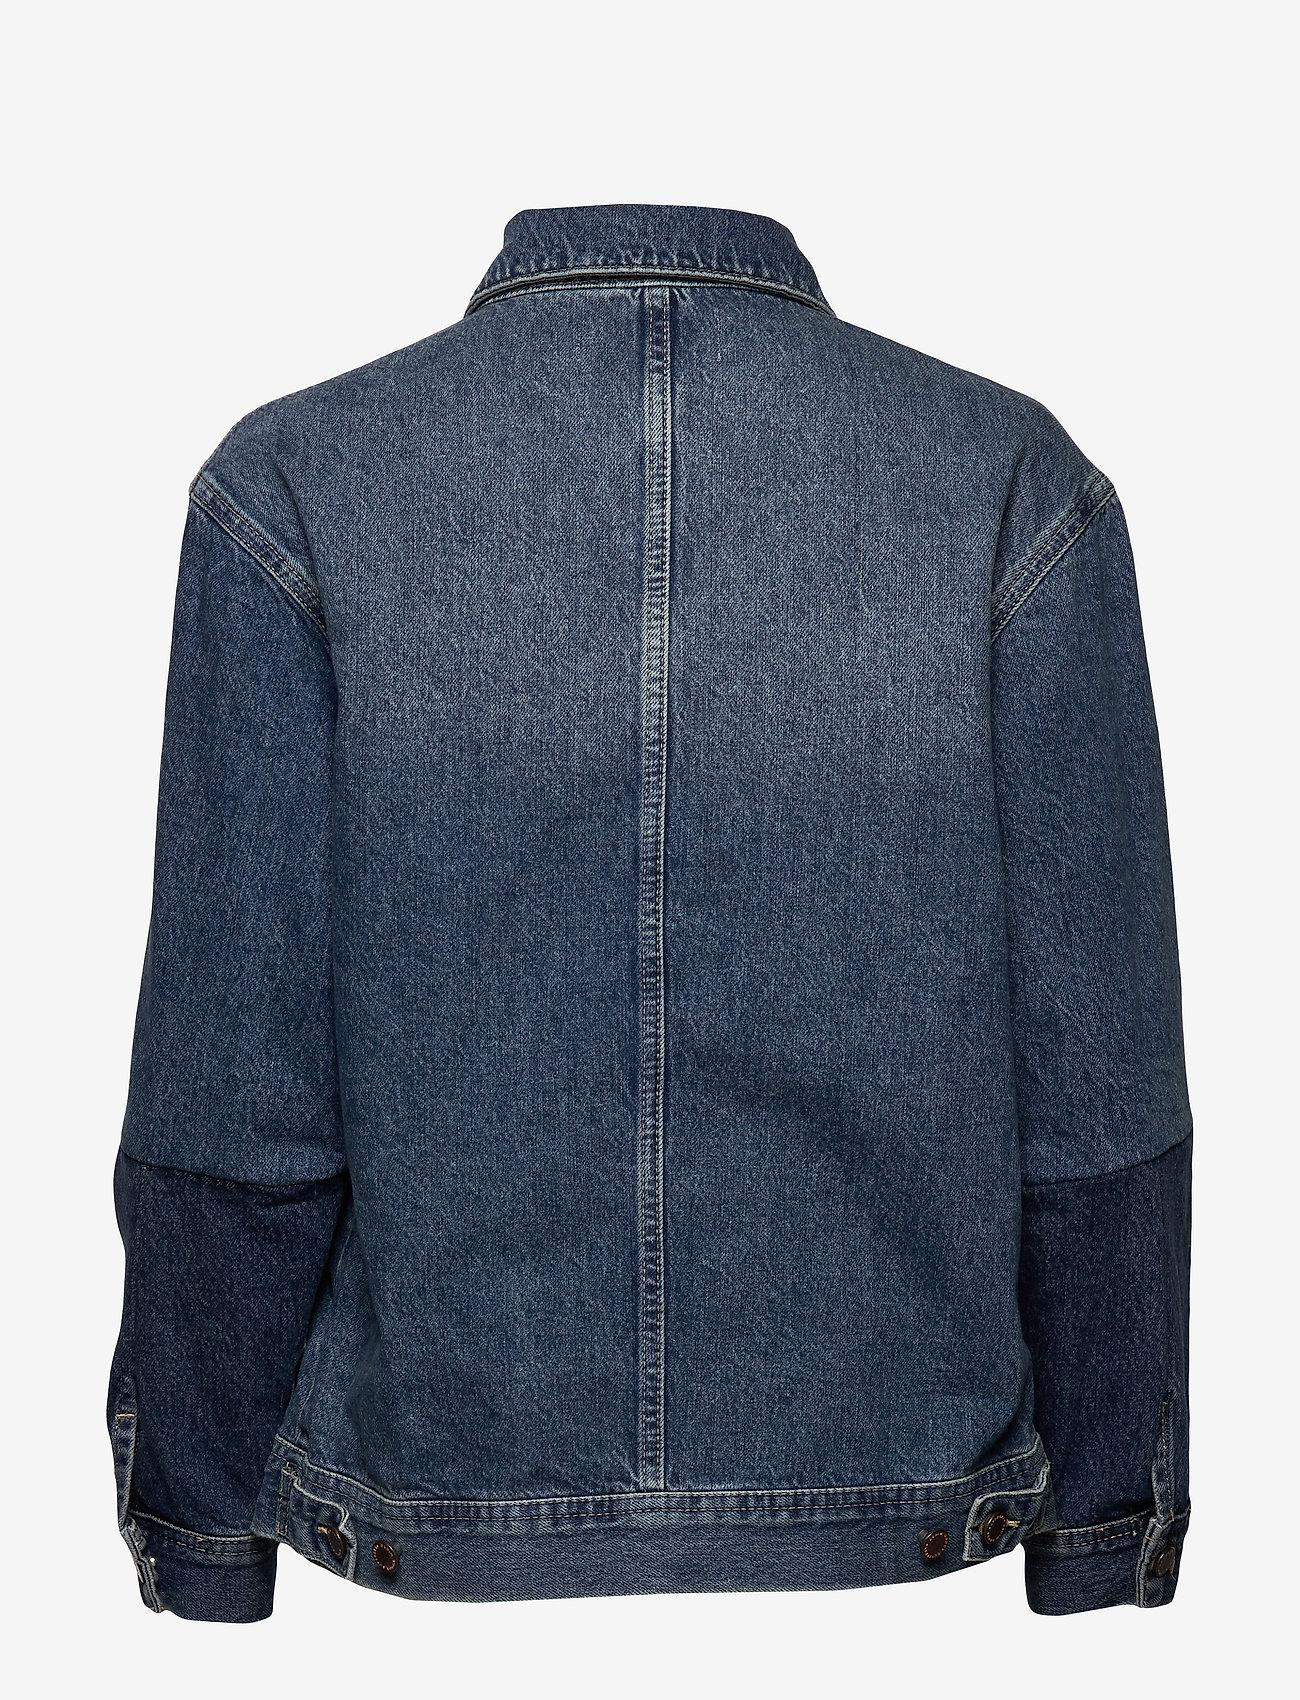 Superdry - WORKER JACKET - denim jackets - denim indigo dark mid - 1